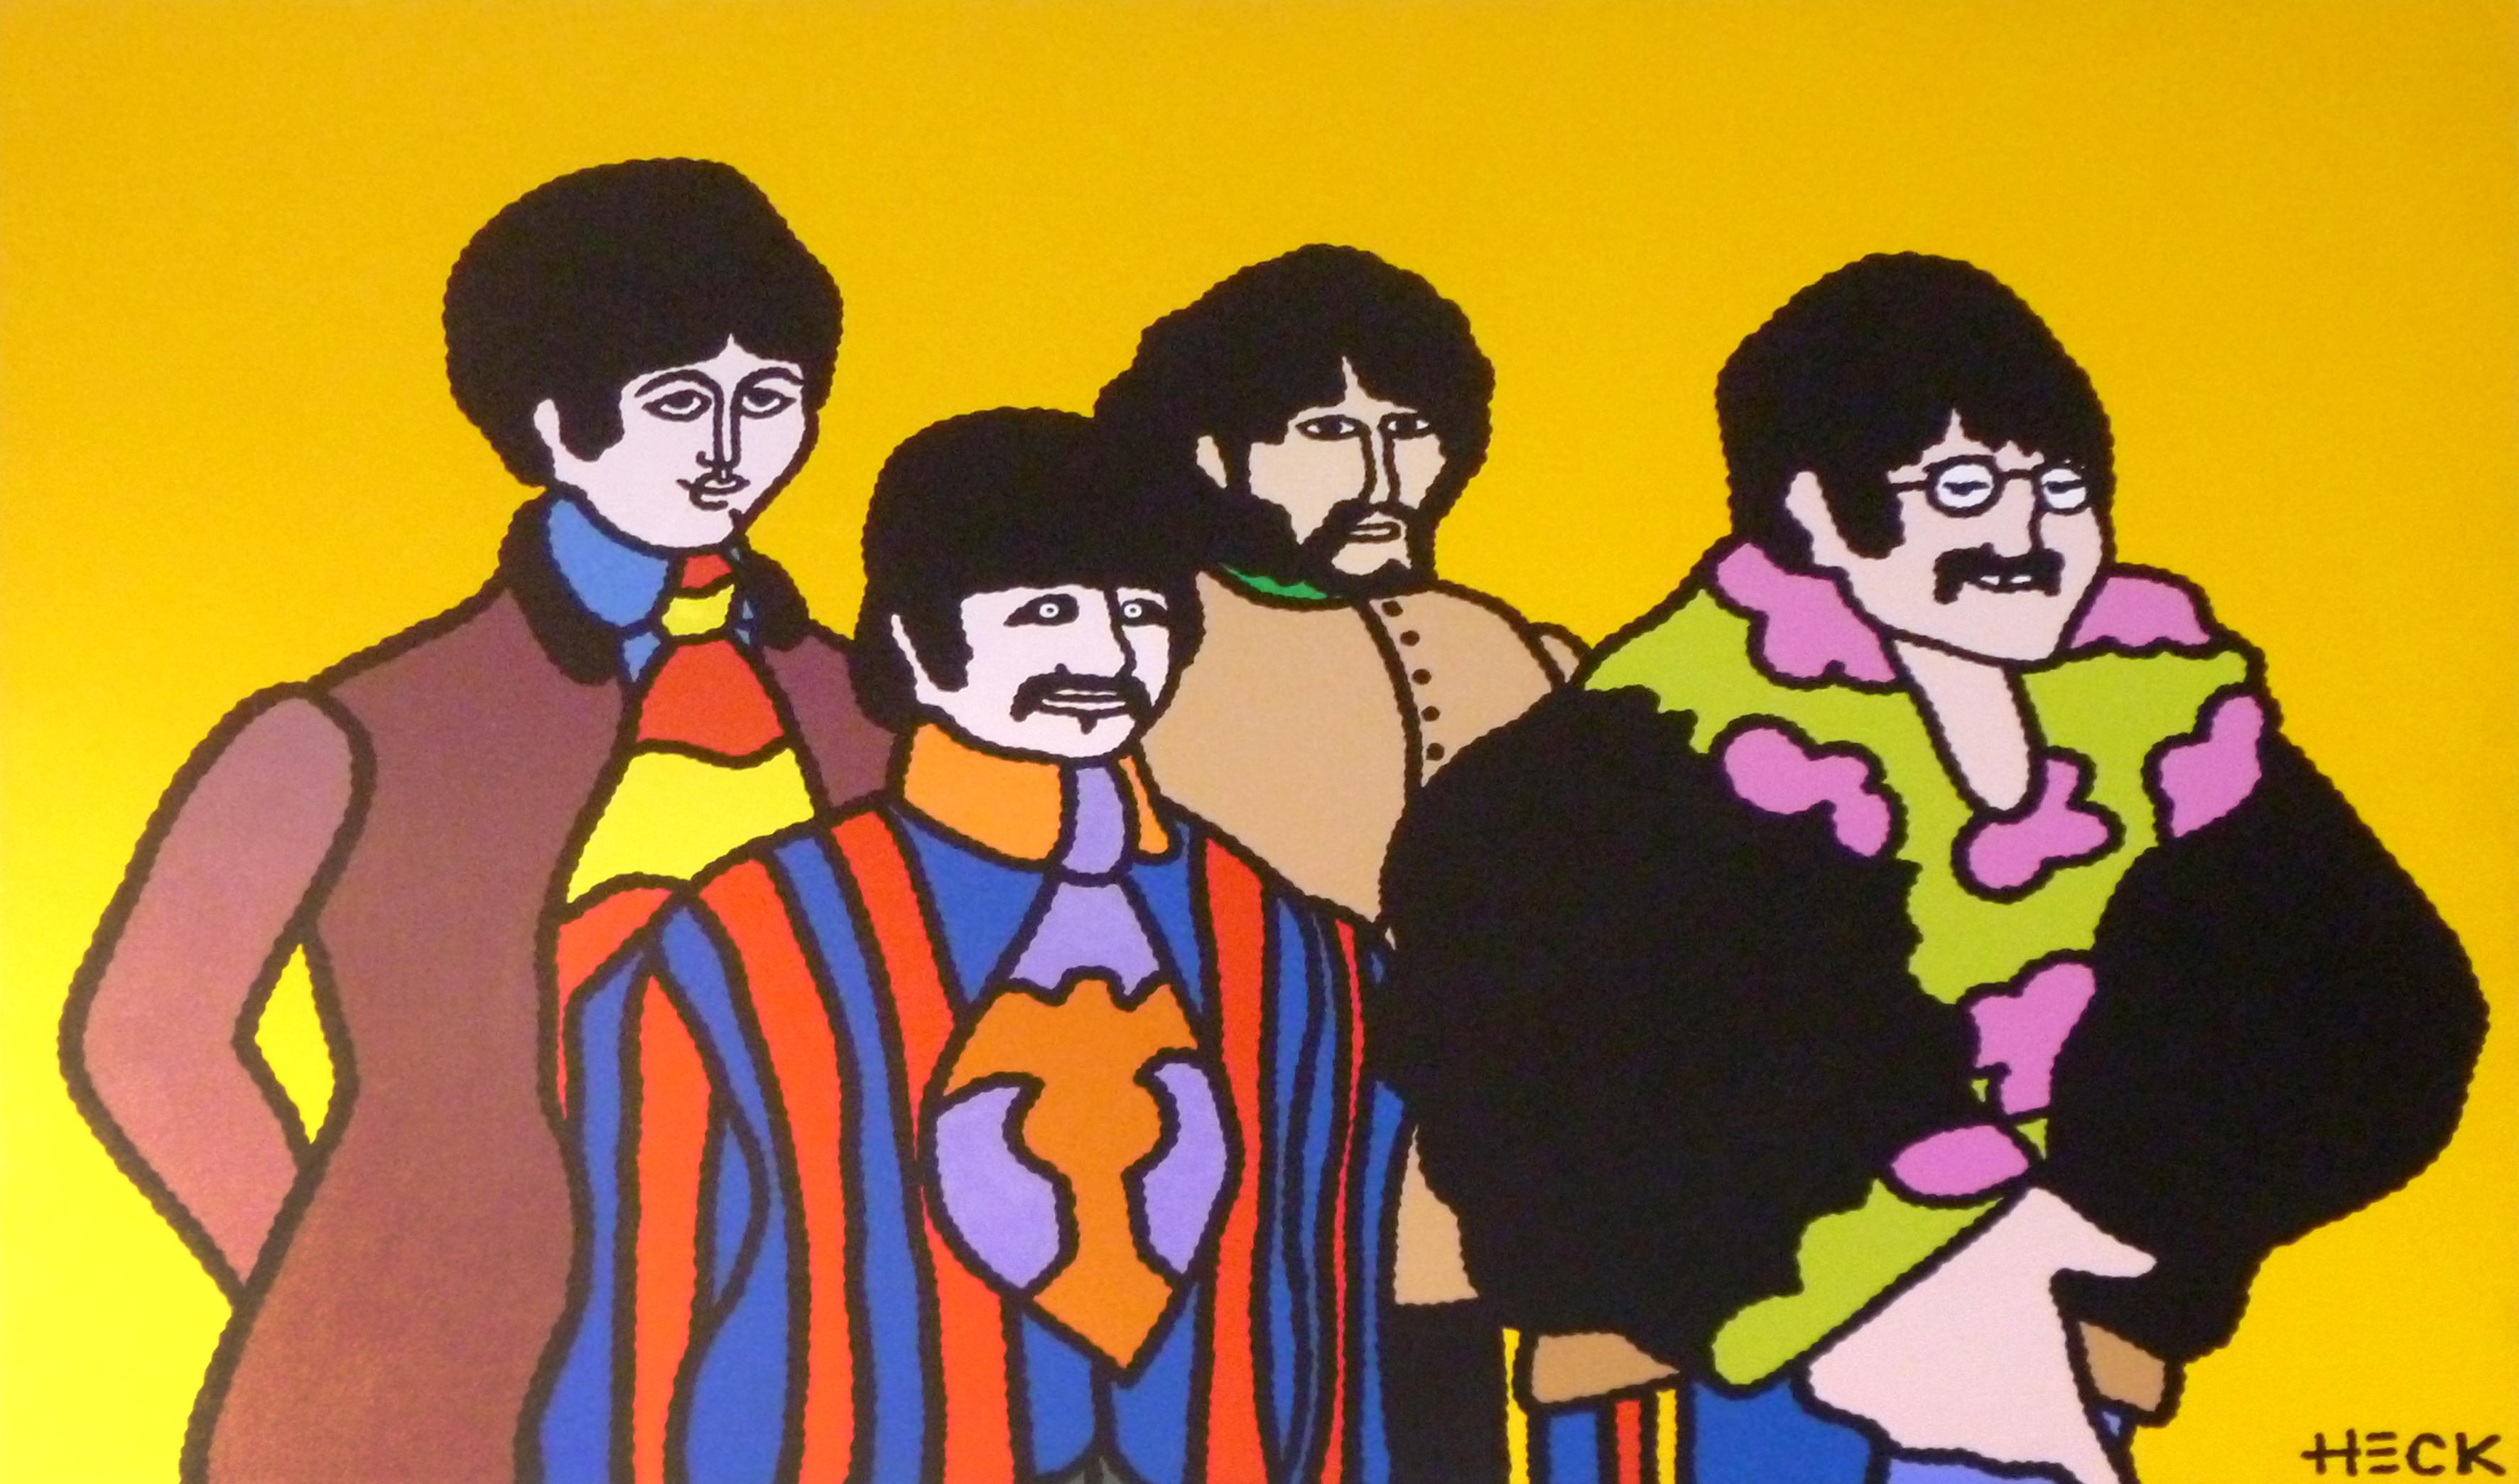 Ed Heck - Beatles yellow submarine , 6575-006-228